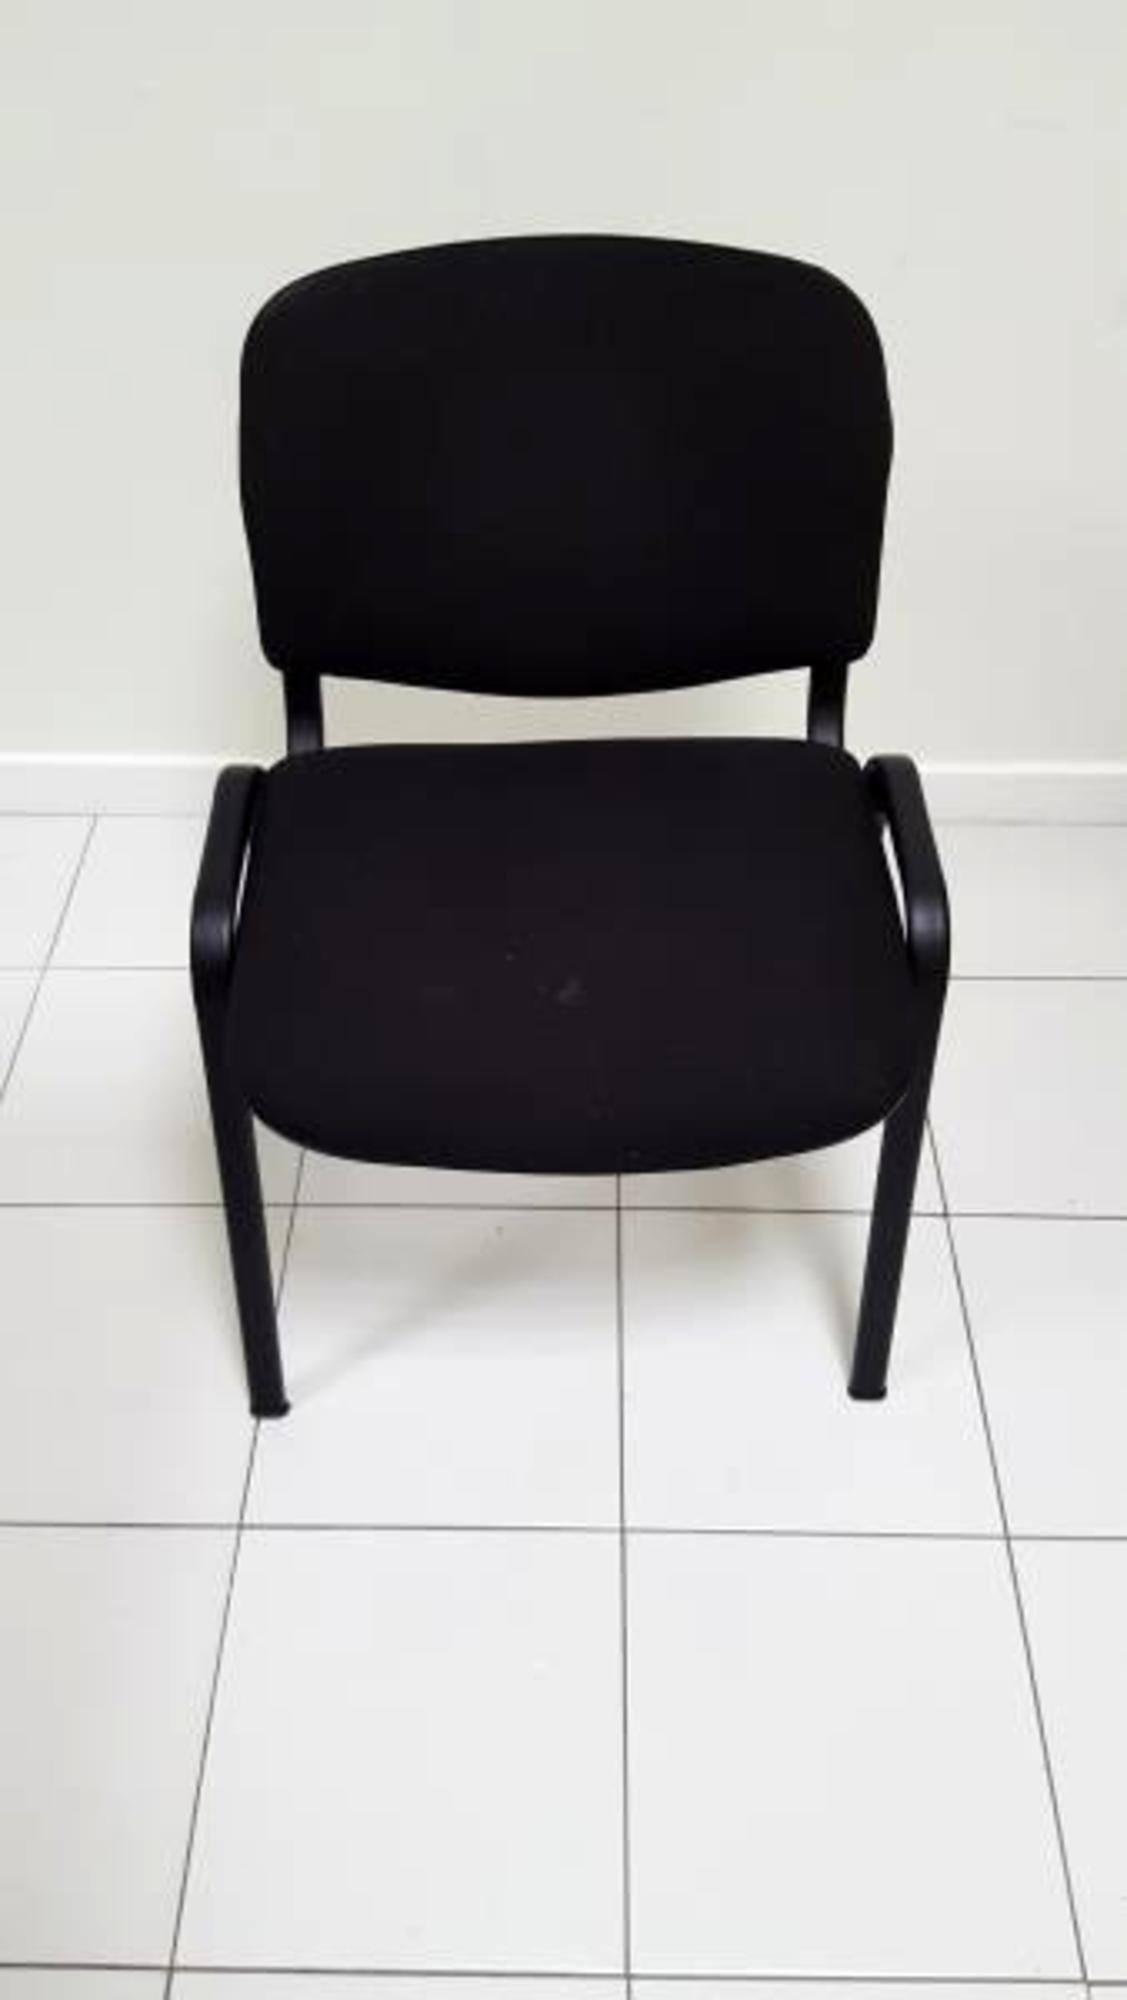 chaise de bureau chaise d 39 occasion aux ench res agorastore. Black Bedroom Furniture Sets. Home Design Ideas